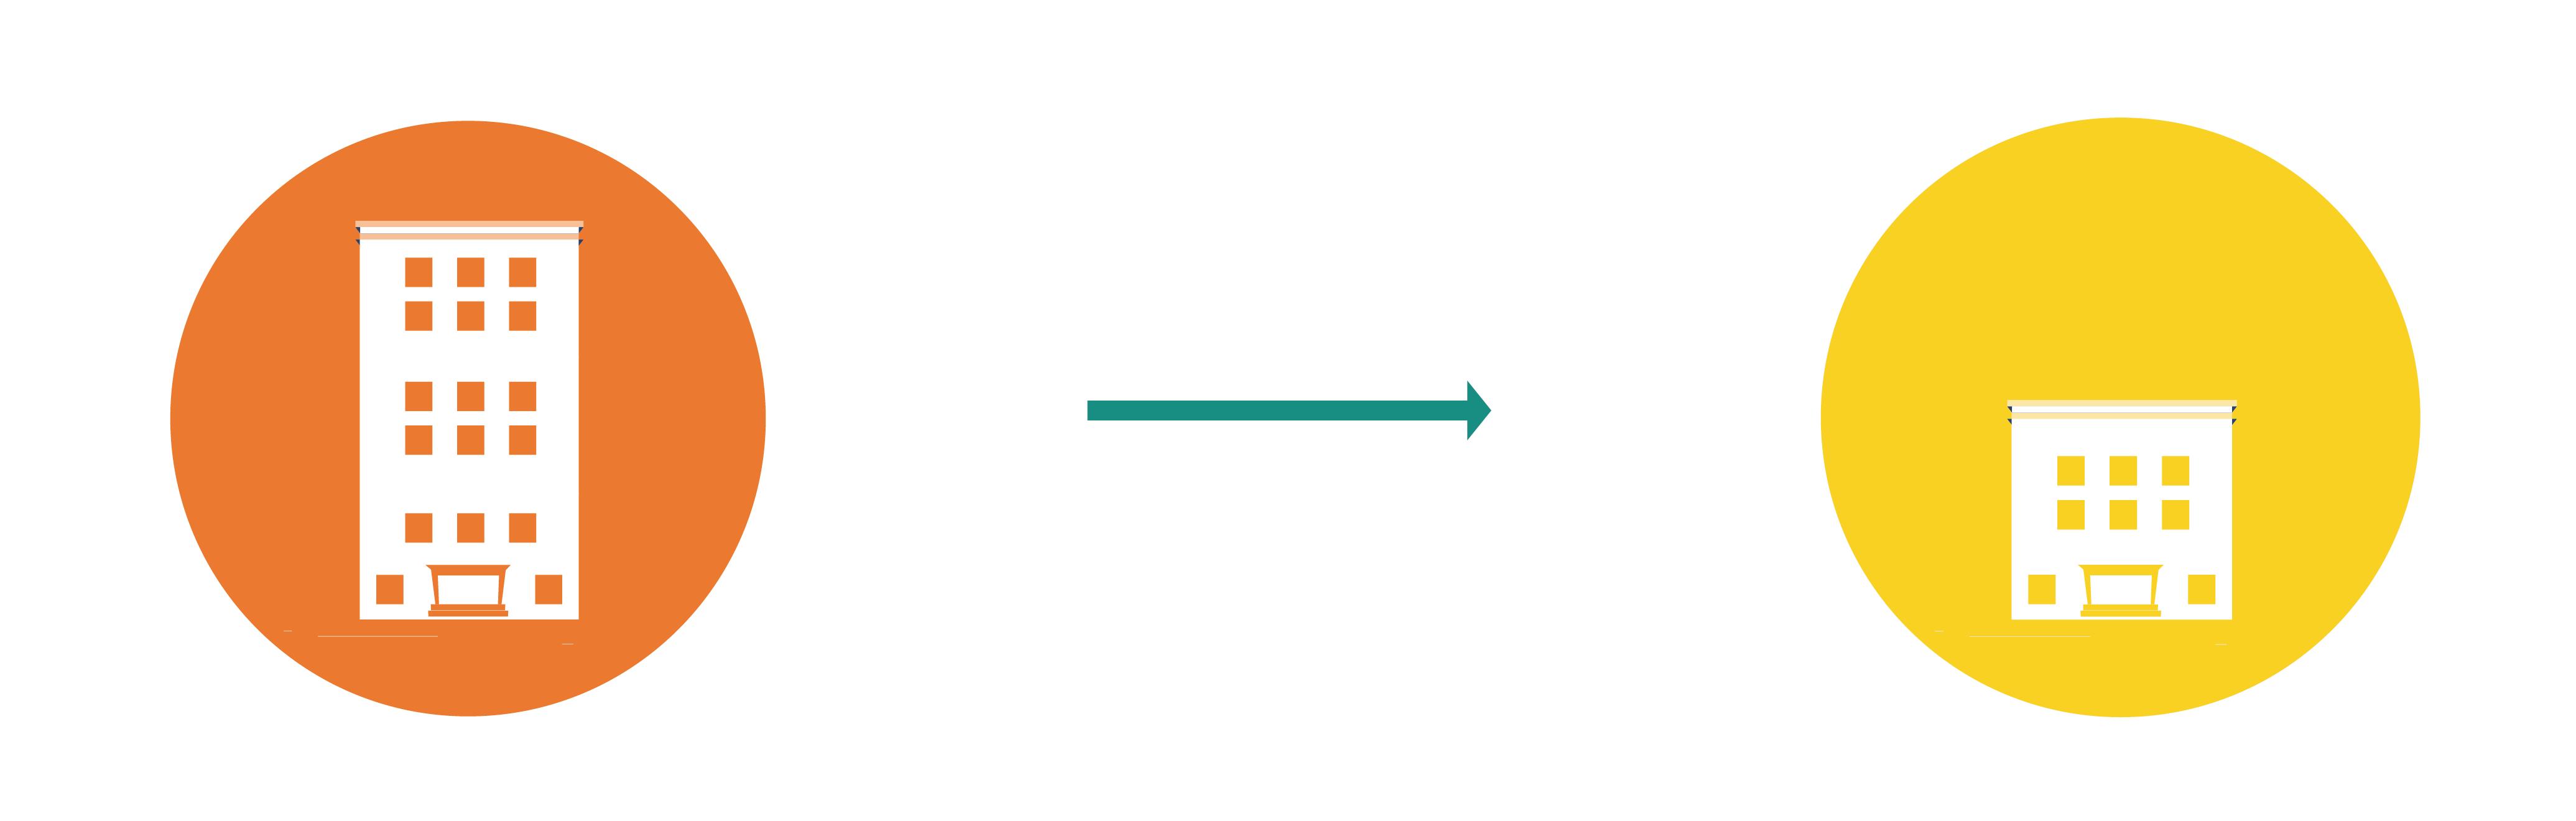 GRANDS COMPTES / PME